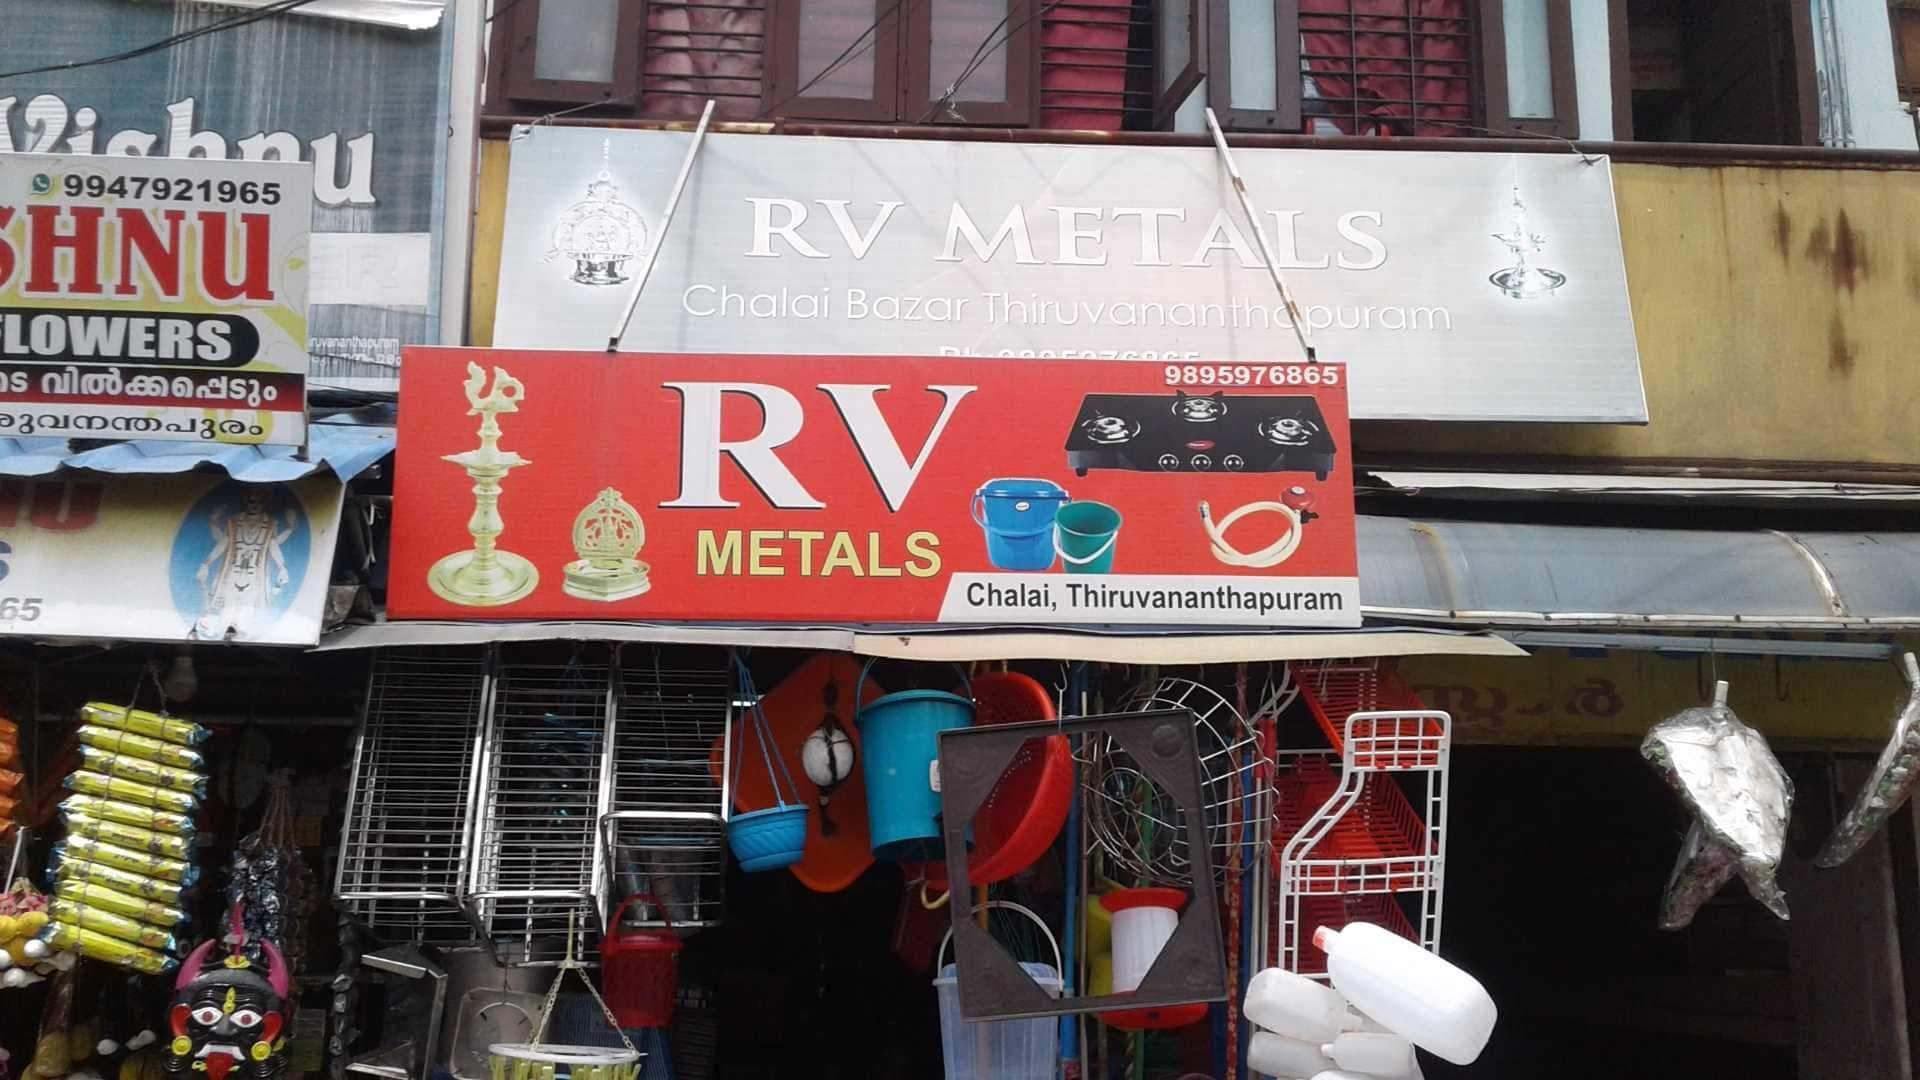 Metal Polishing Near Me >> Top Metal Polishing Services In Chalai Thiruvananthapuram Justdial